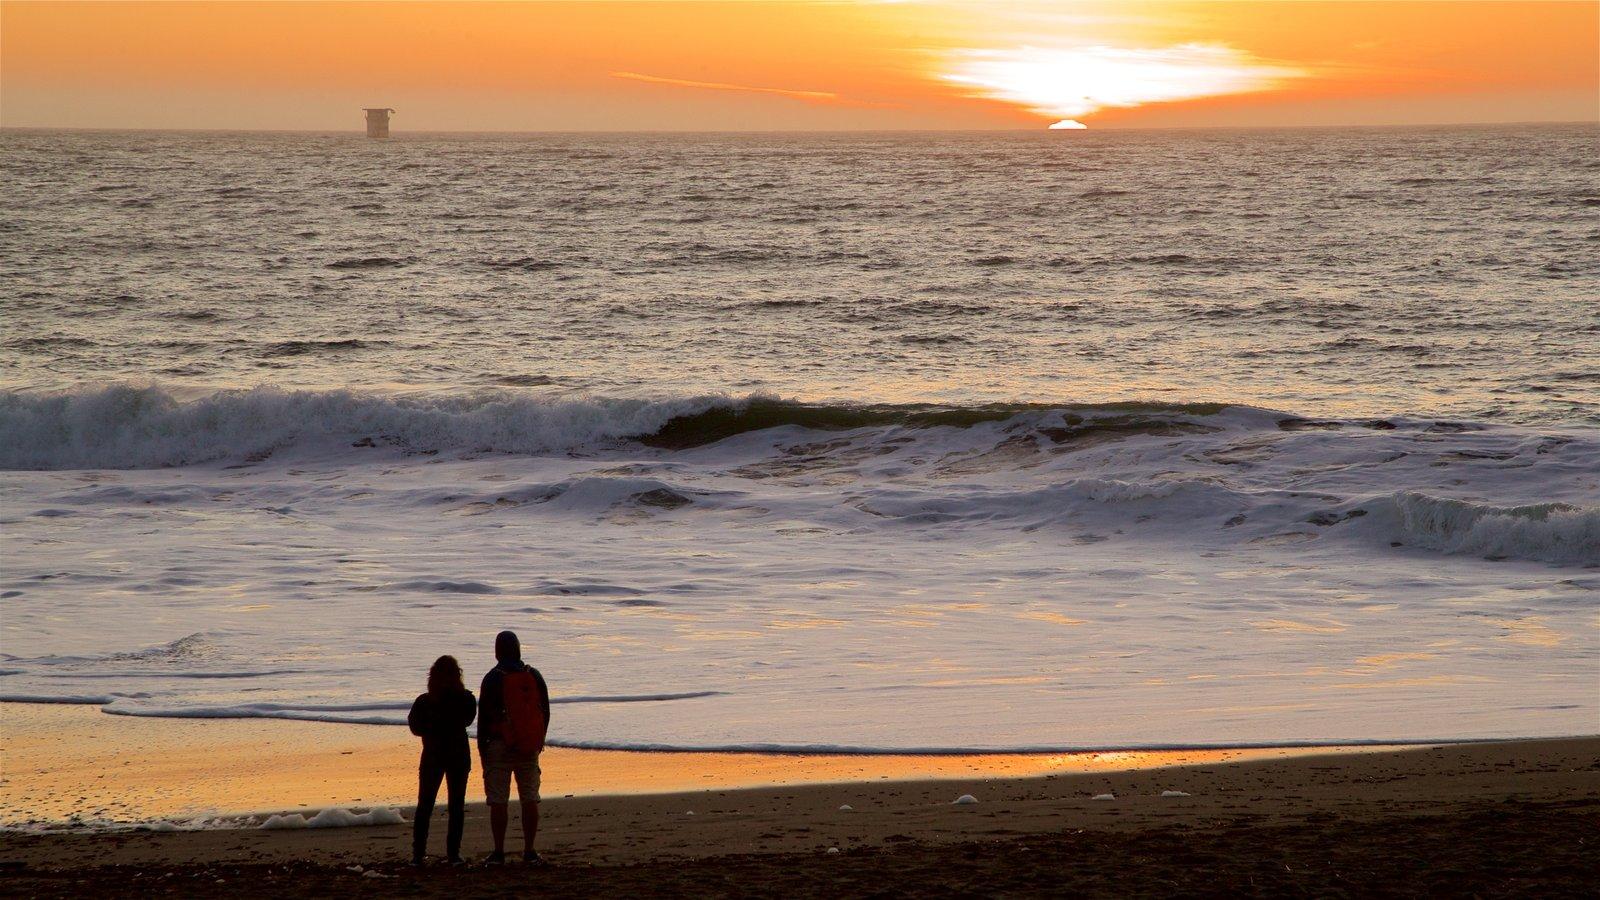 Baker Beach mostrando surfe, uma praia de areia e um pôr do sol